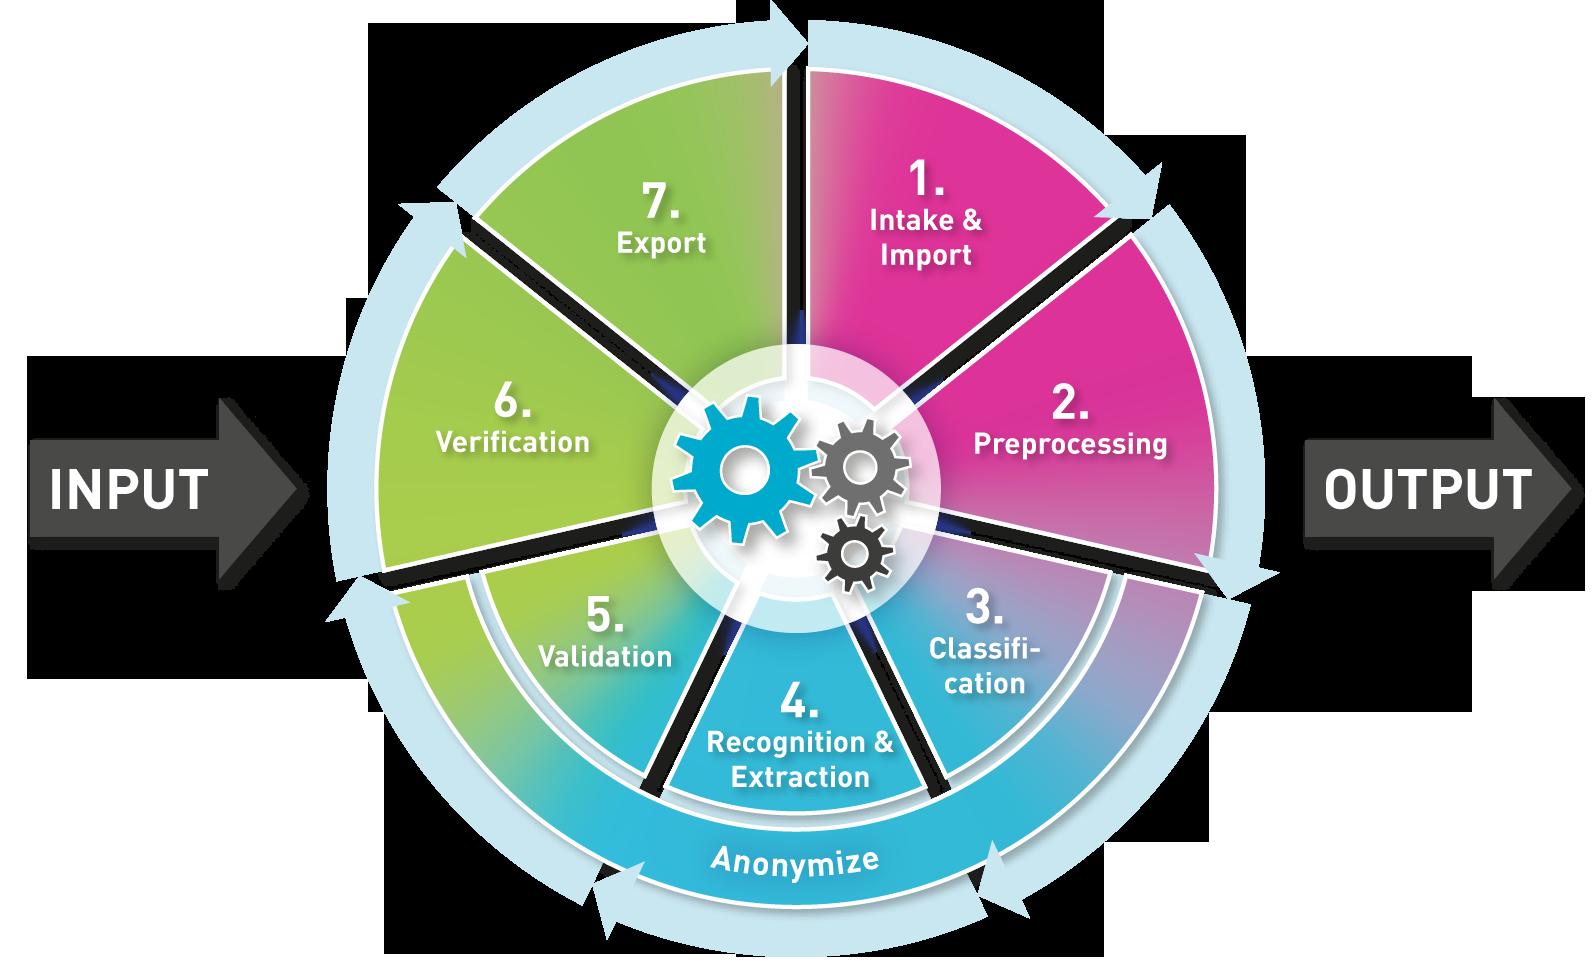 Registratie, automatisering en verwerking van binnenkomende informatie: de fases